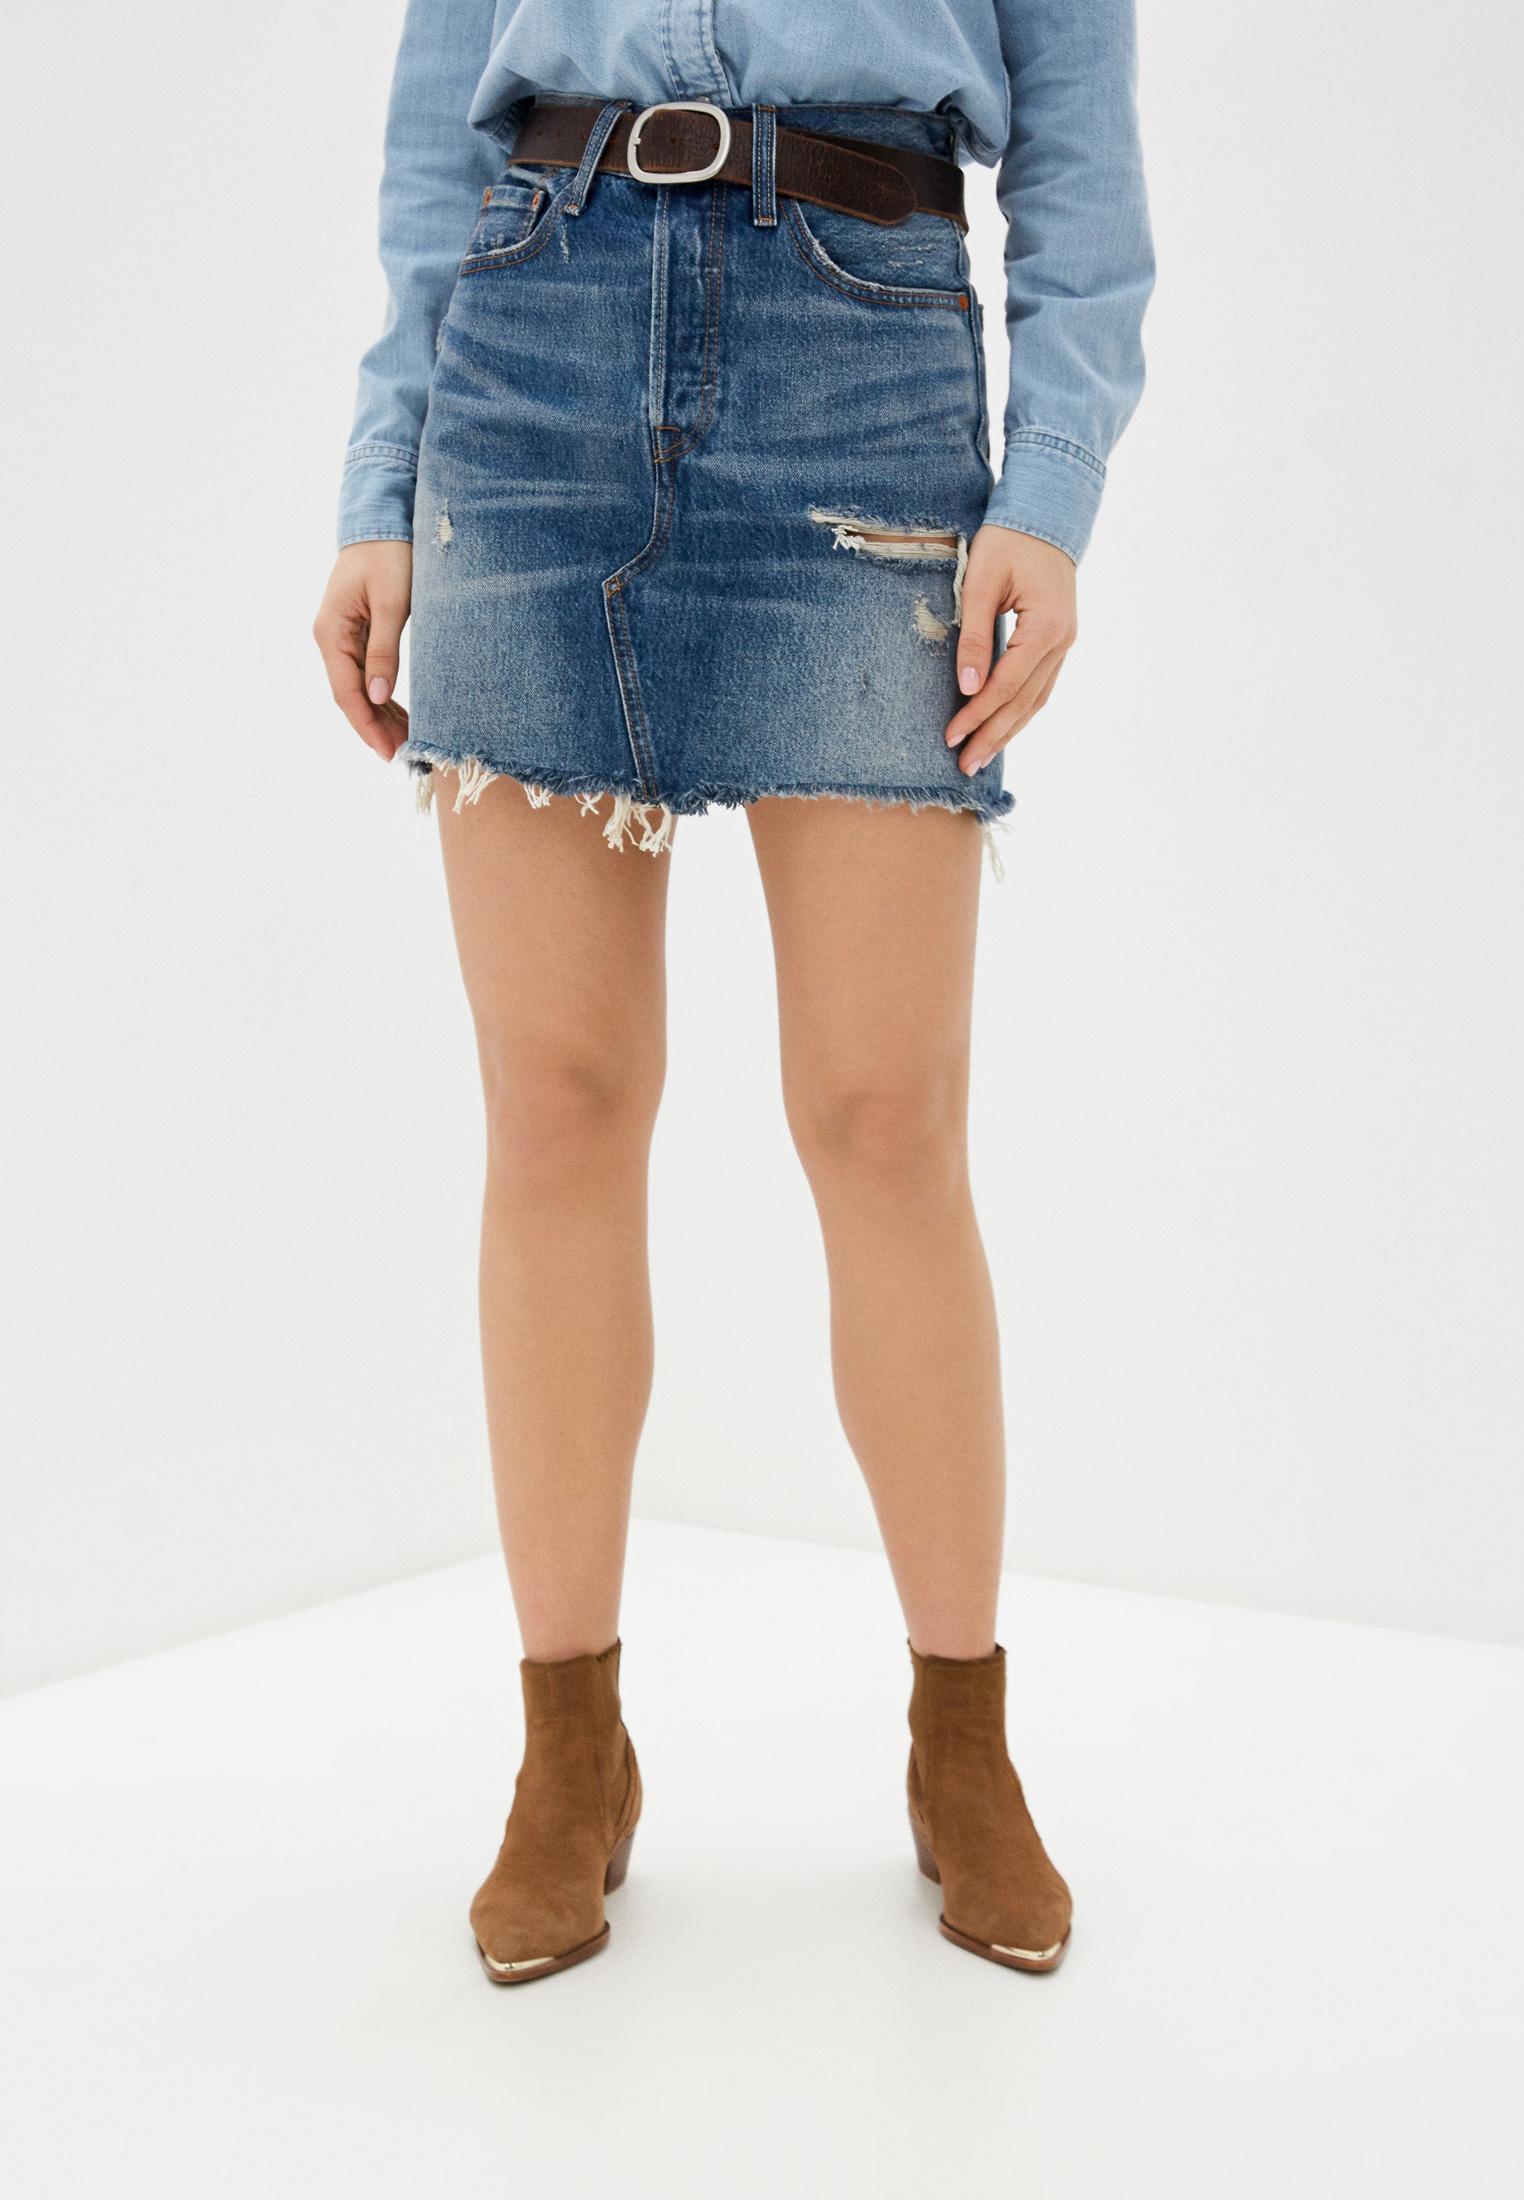 Короткие джинсовые юбки модели фото